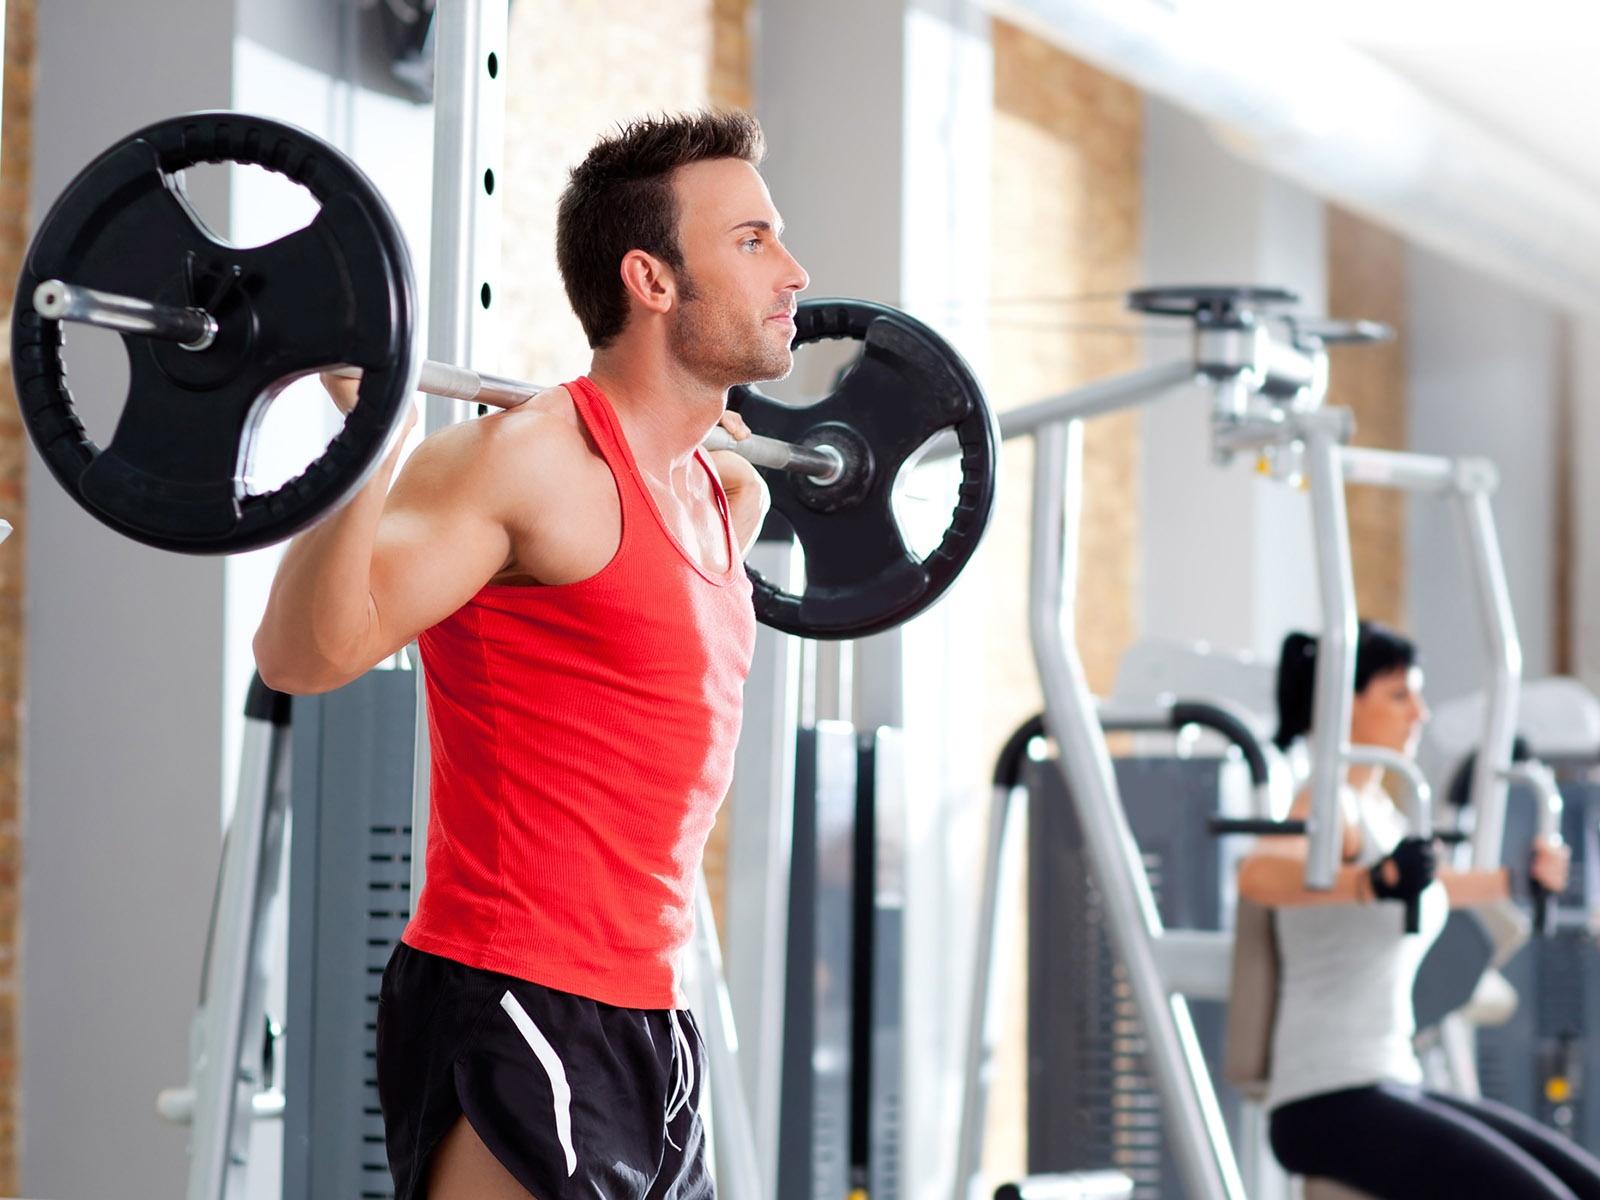 Как похудеть в спортзале мужчине быстро